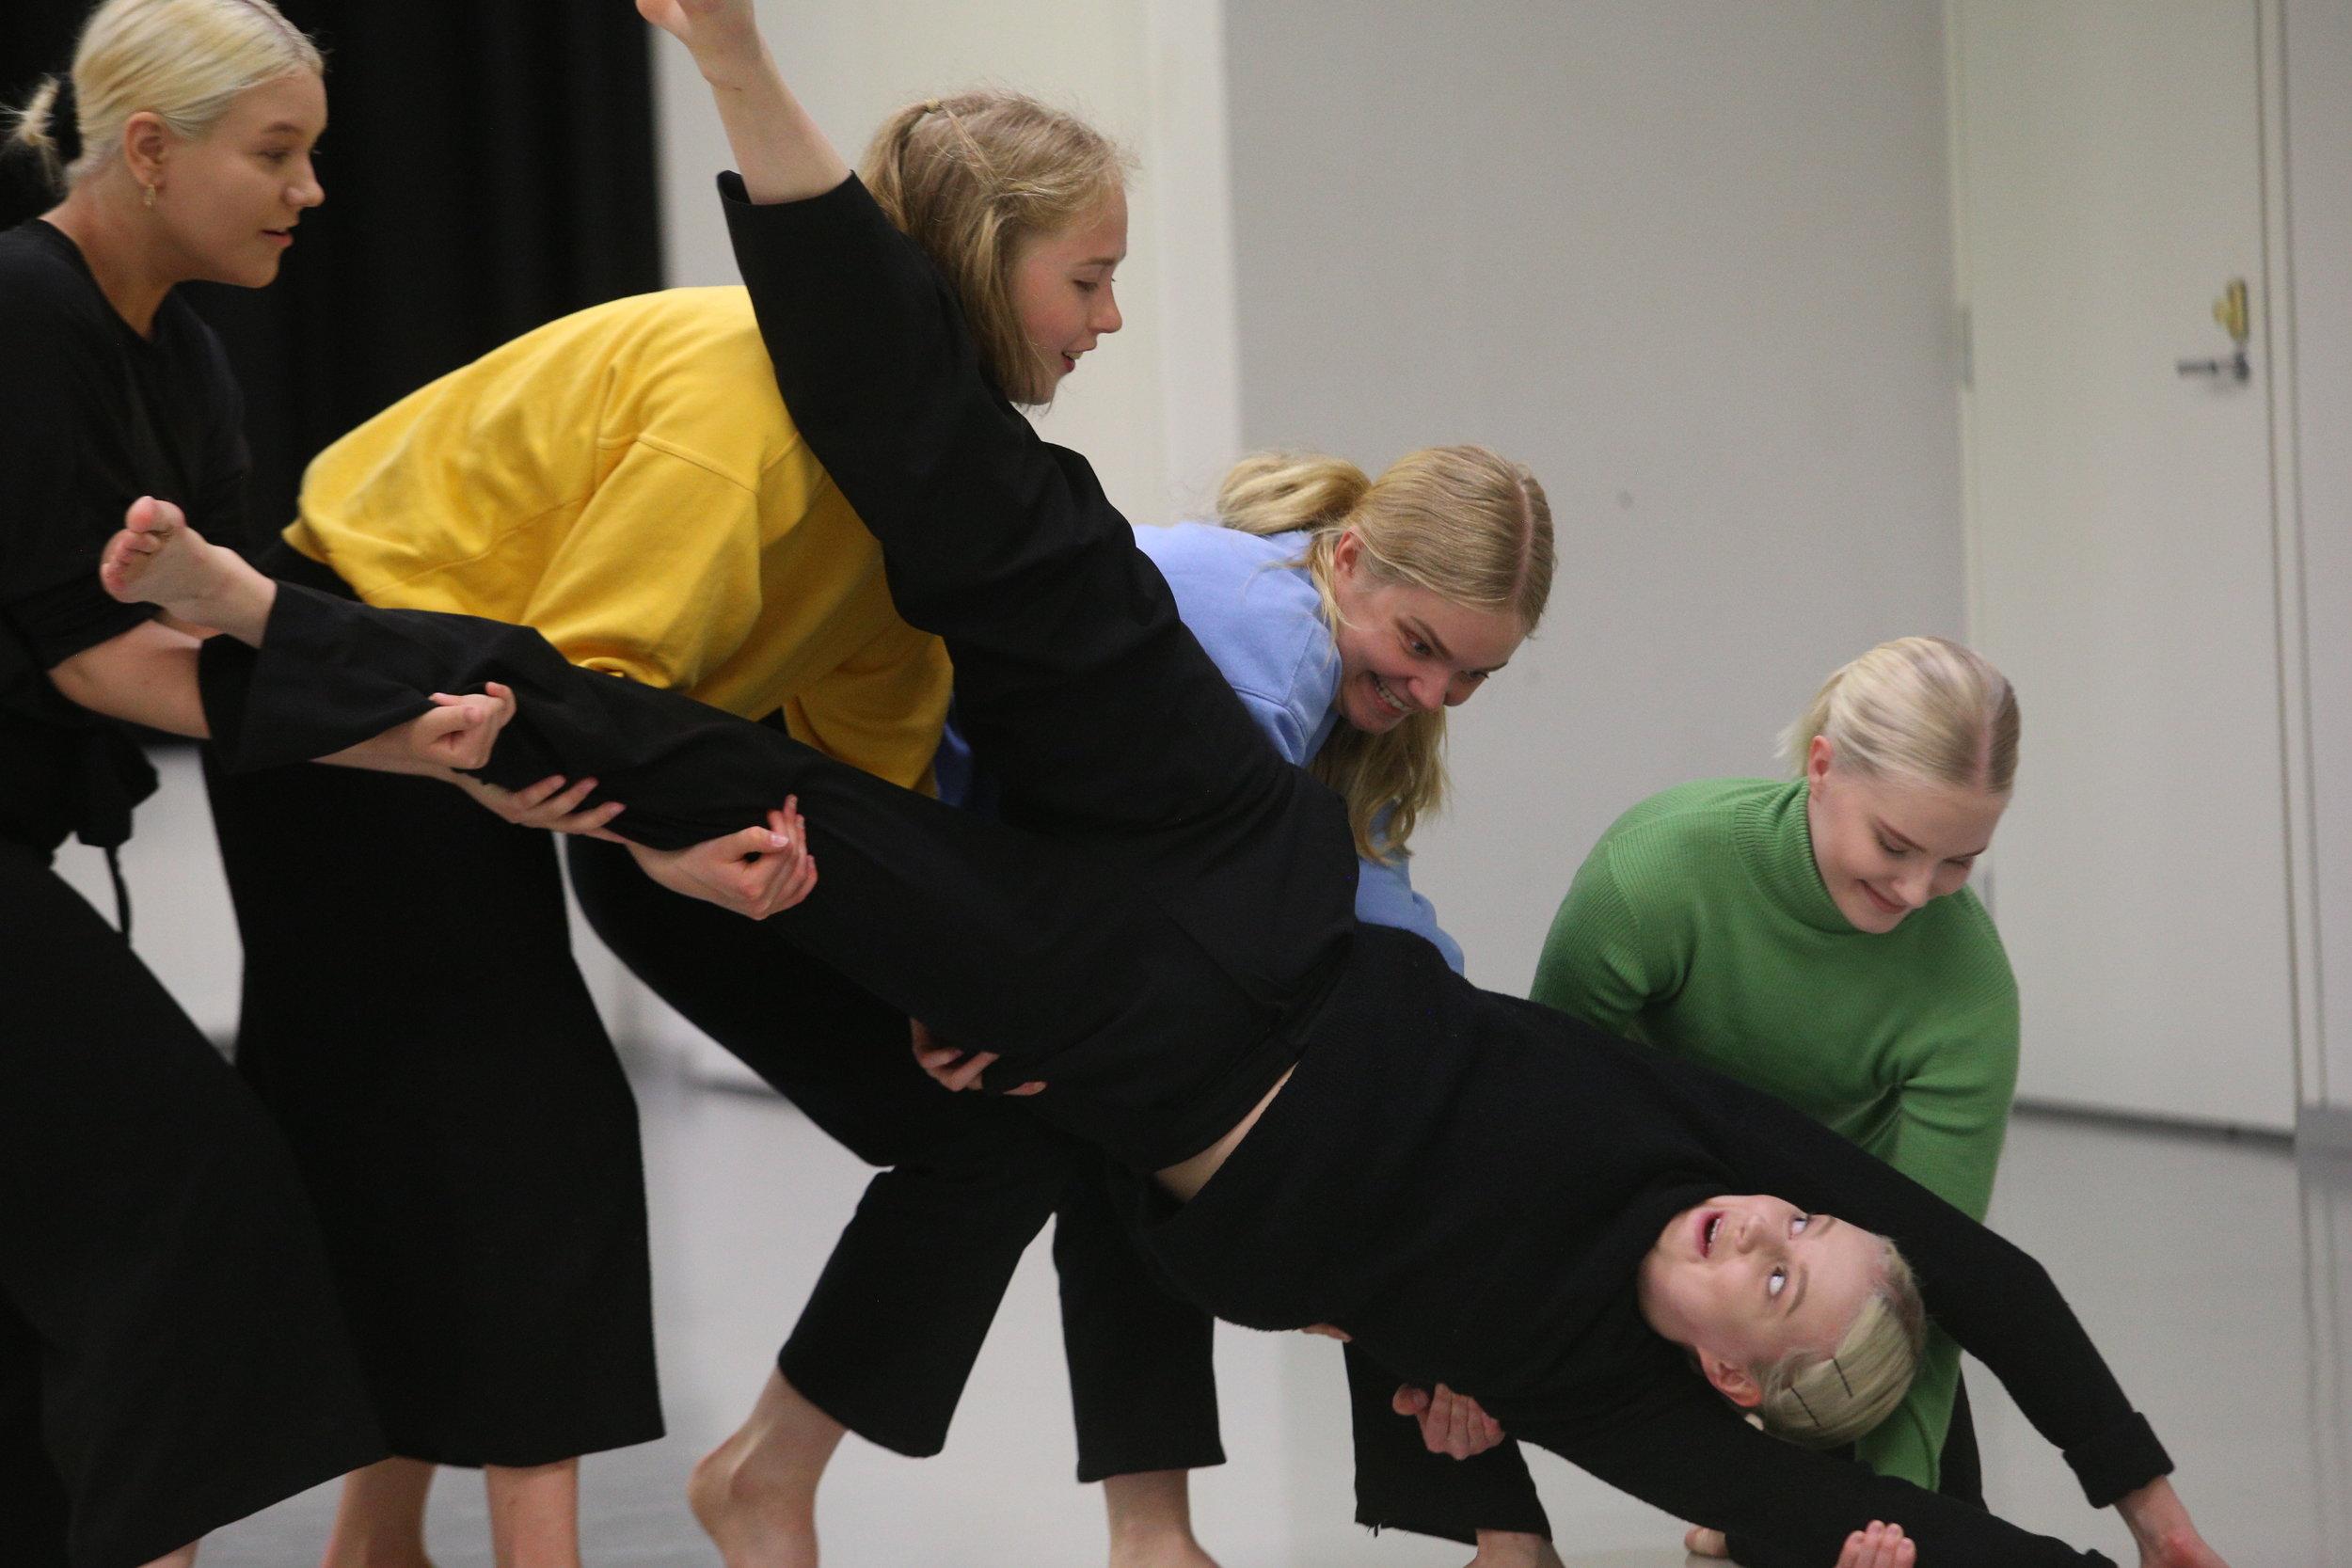 Kevätnäytös 2019 / Sorina, kor. Anna Mustonen, tanssi (vasemmalta): Valo Valve, Iiris Miettinen, Tiia Tikkala, Rosa Koreander ja Katri Käpynen